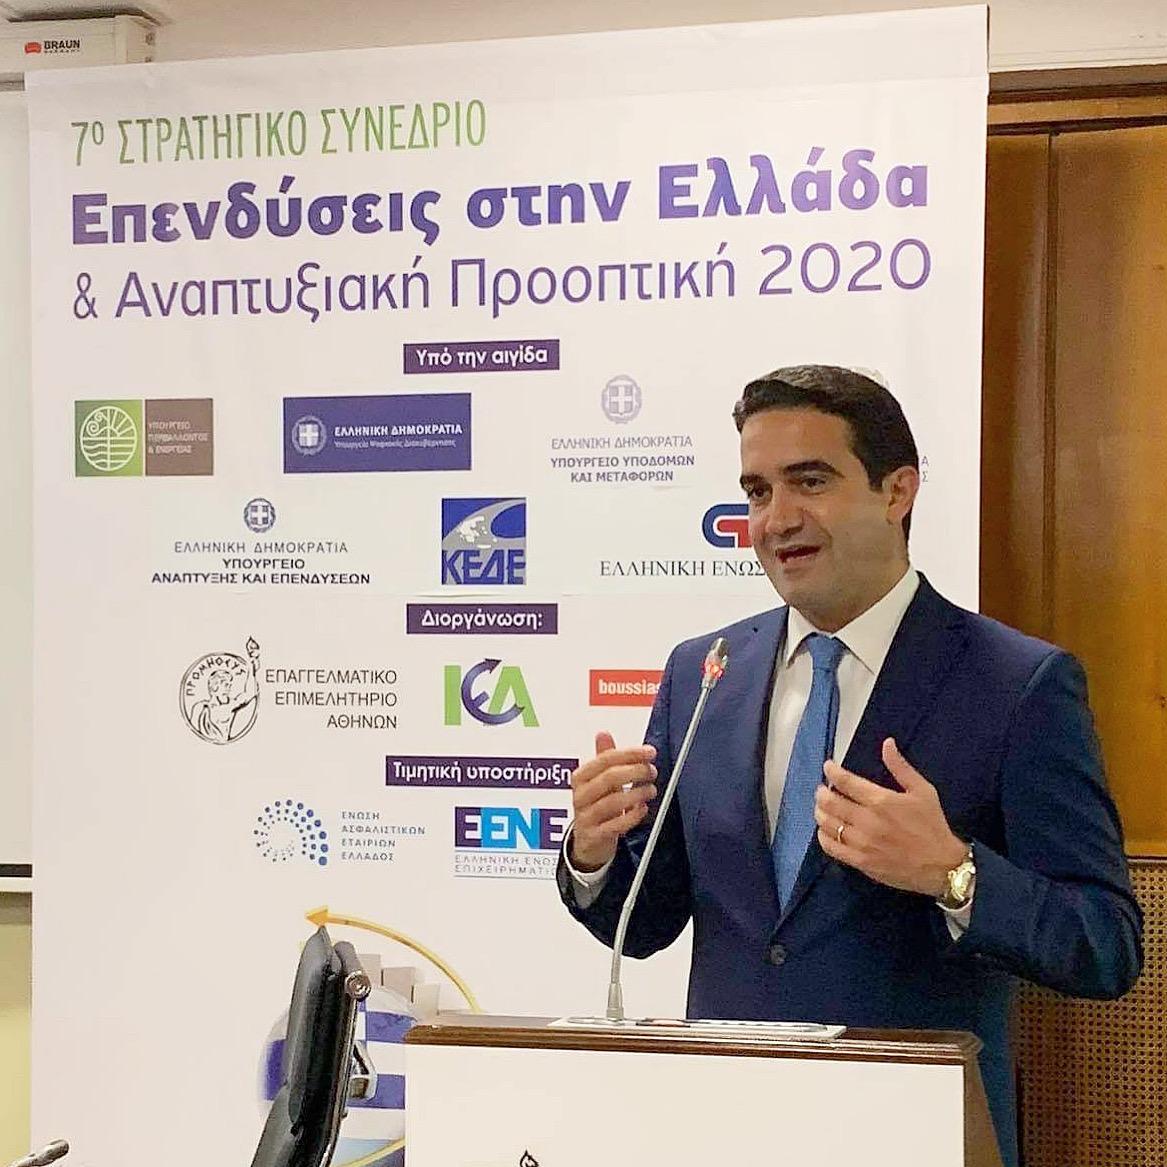 Ομιλία Μιχάλη Κατρίνη στο 7ο Στρατηγικό Συνέδριο «Επενδύσεις στην Ελλάδα και αναπτυξιακή προοπτική 2020»